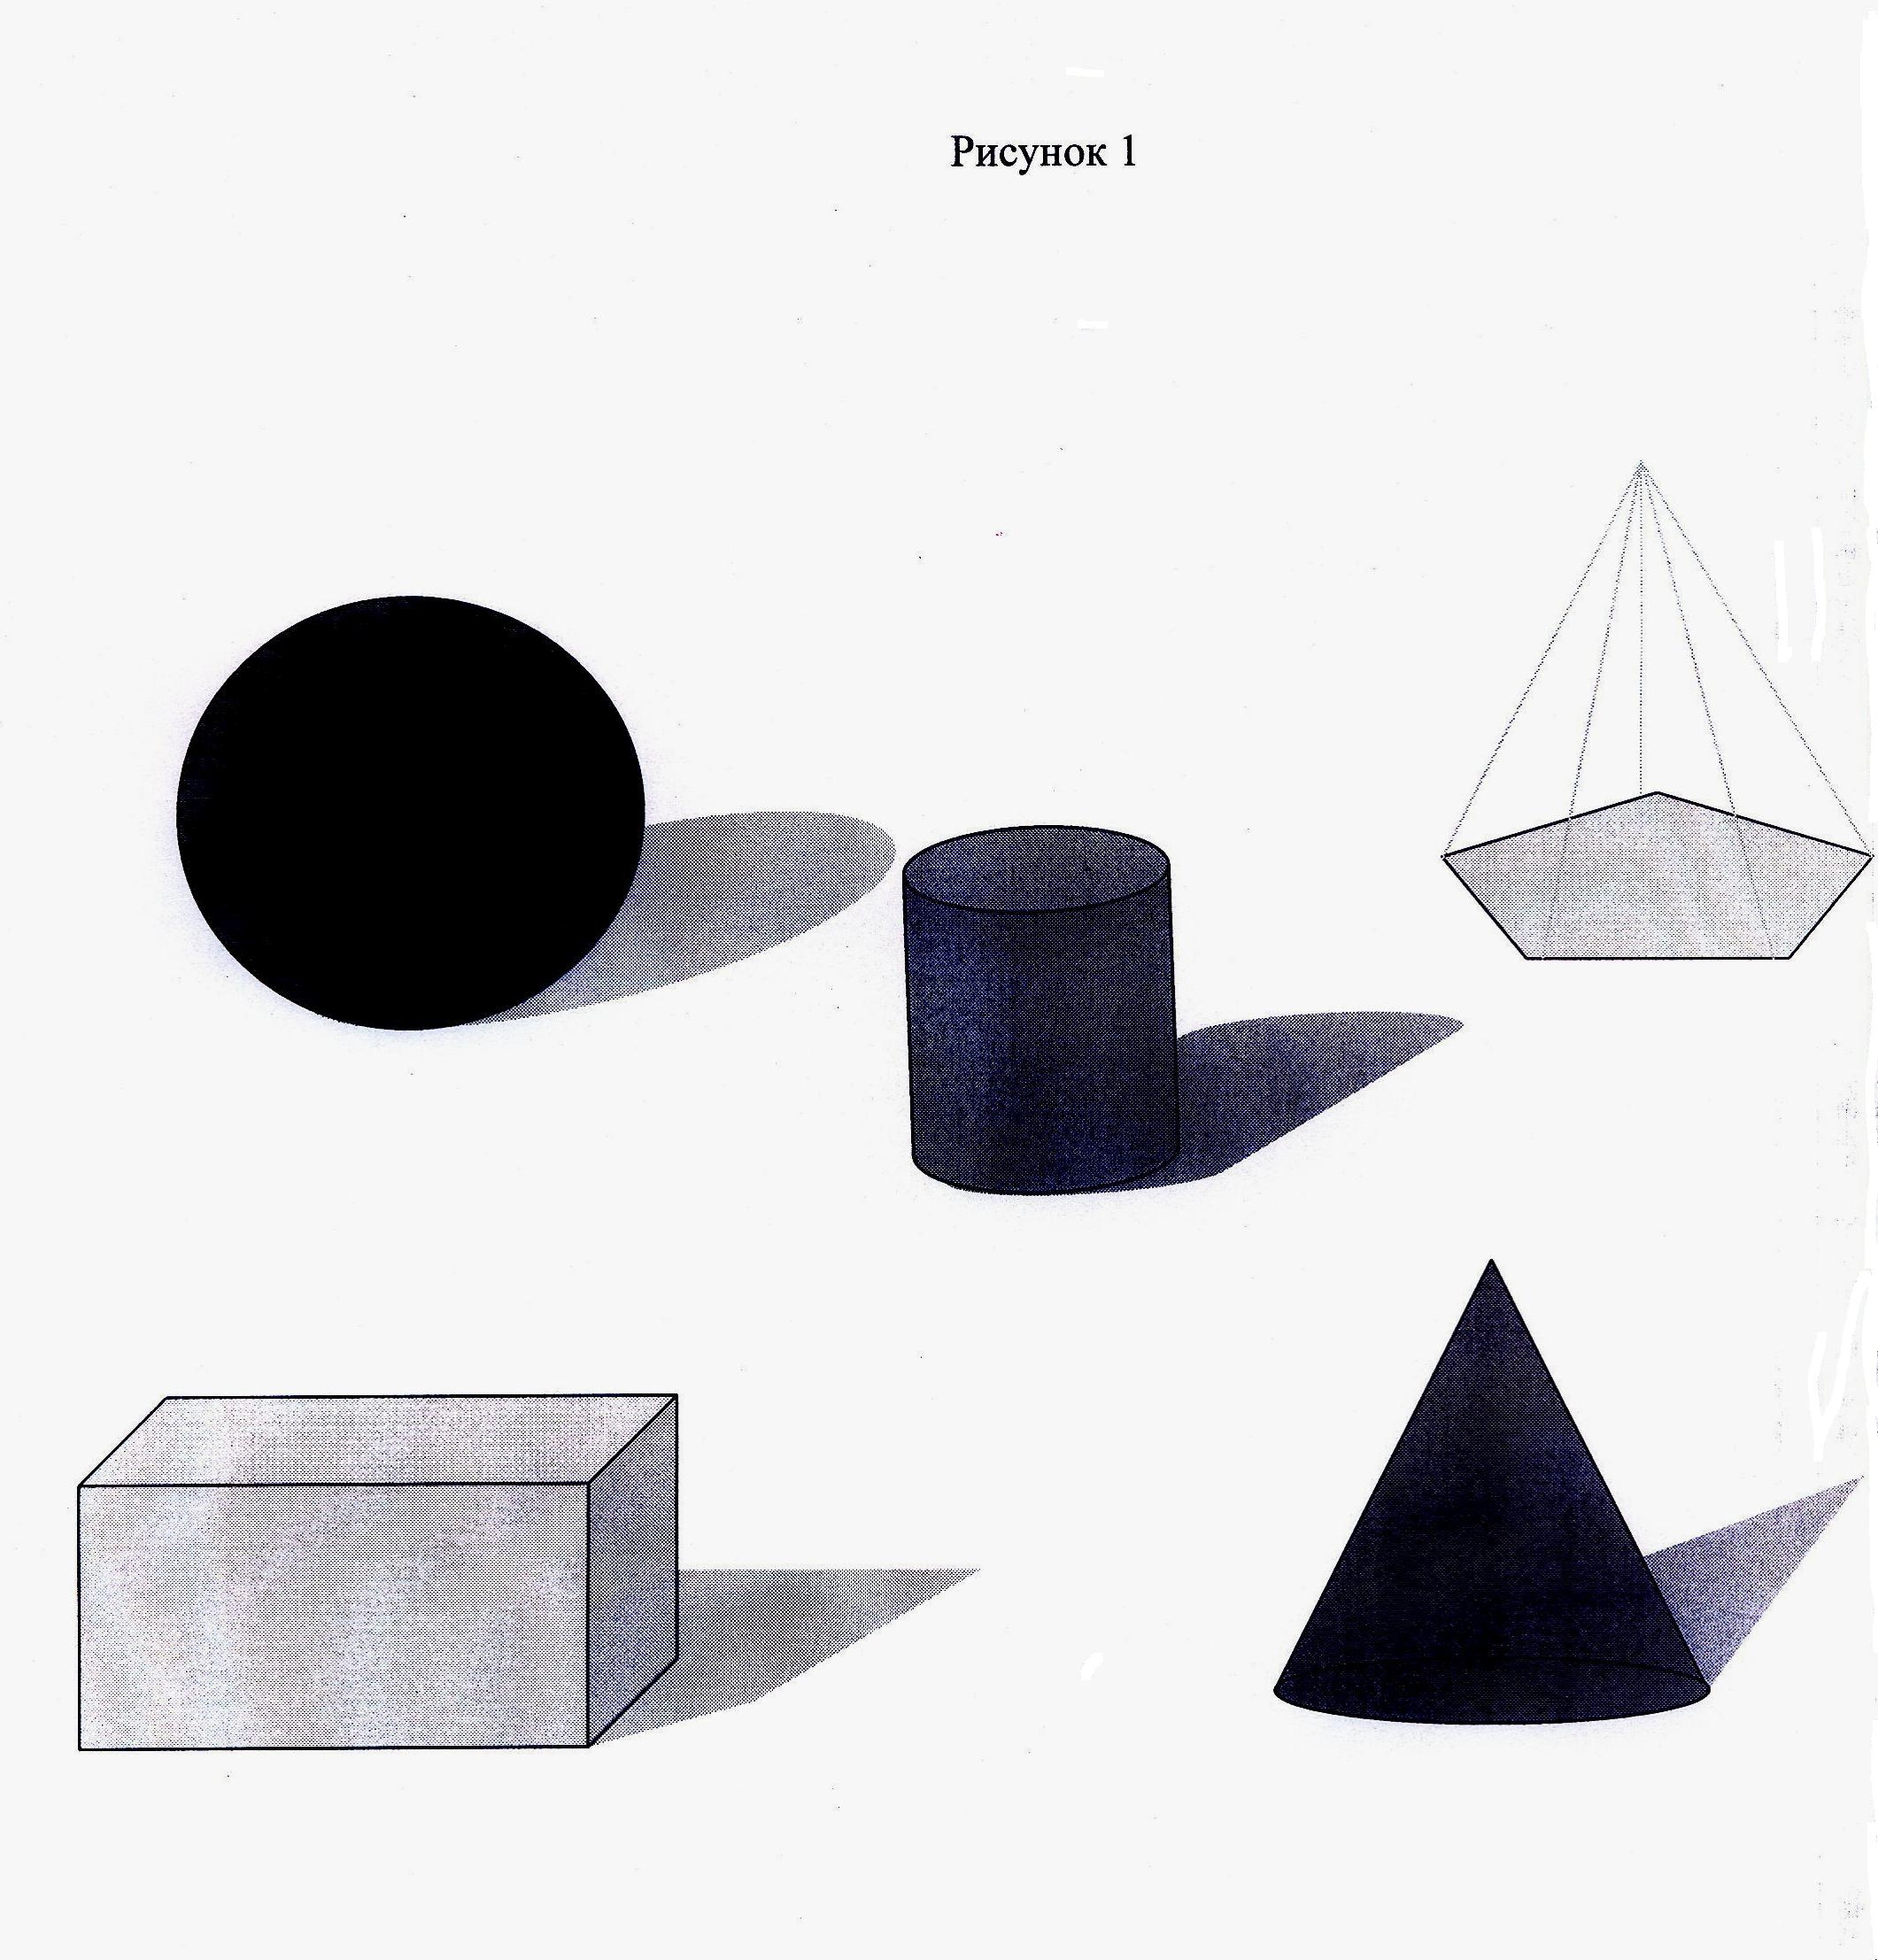 рассмотрите рисунок парохода из каких простых геометрических фигур он состоит цвет глаз есть